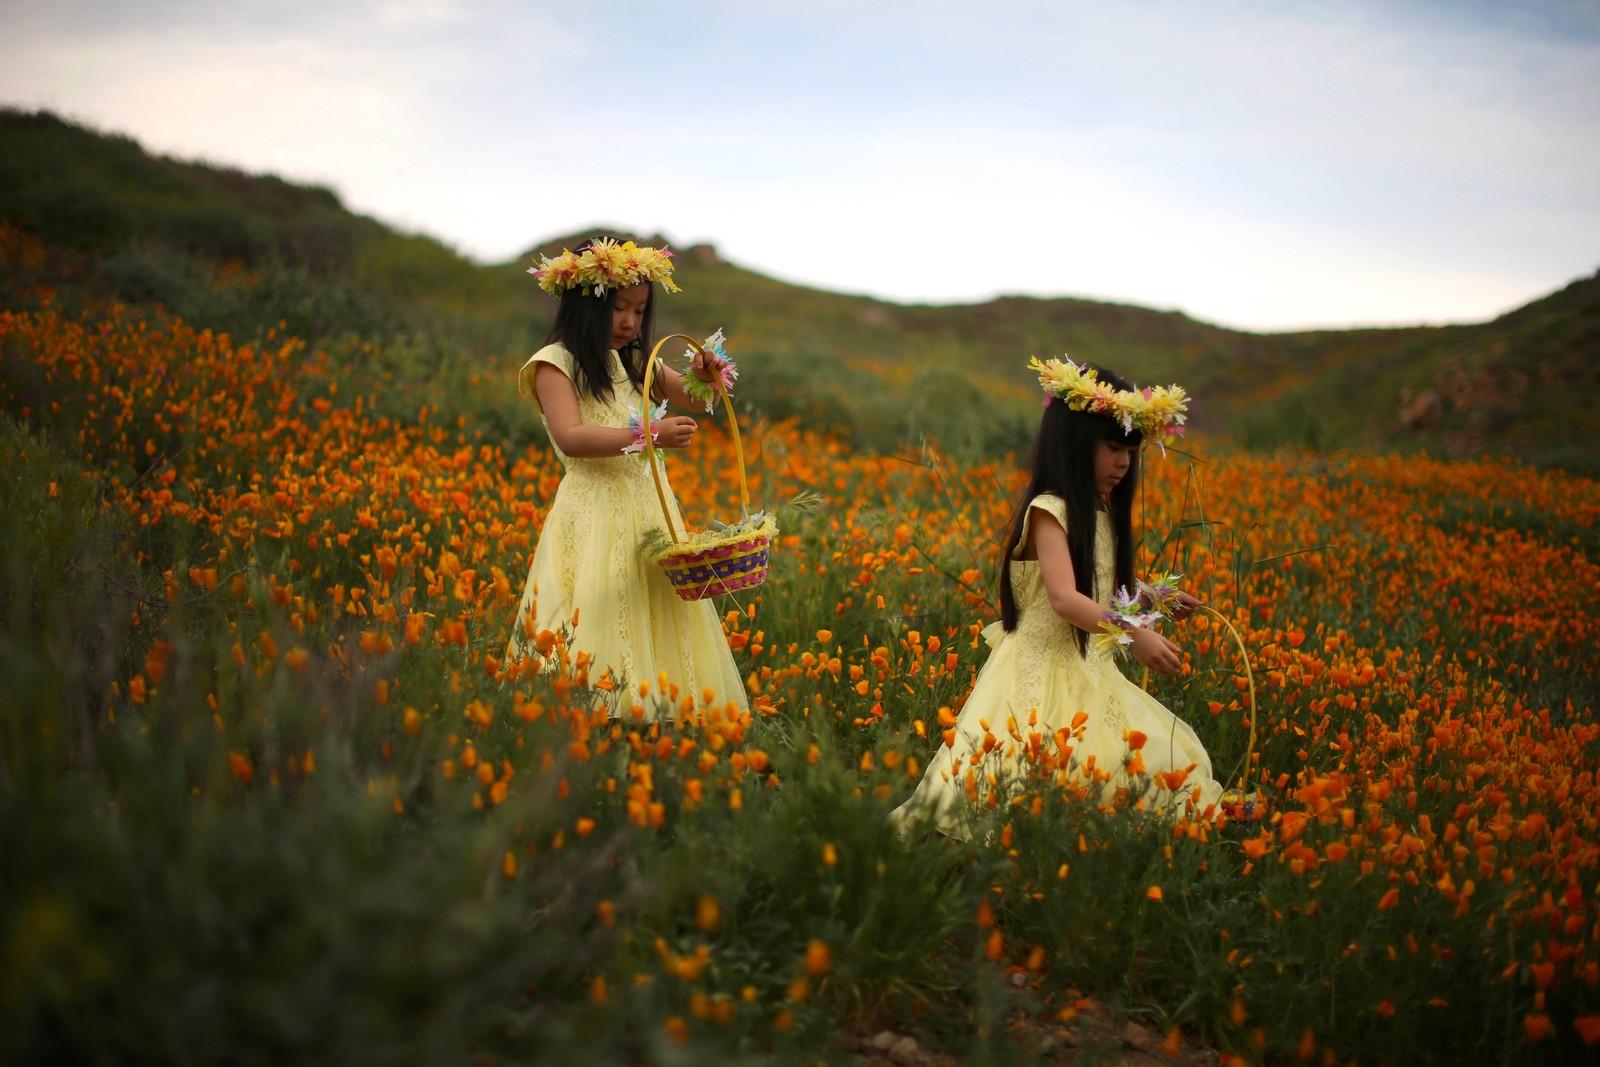 Julia Lu og Amy Liu, begge fem år gamle, går gjennom en blomstereng i Lake Elsinore i California.